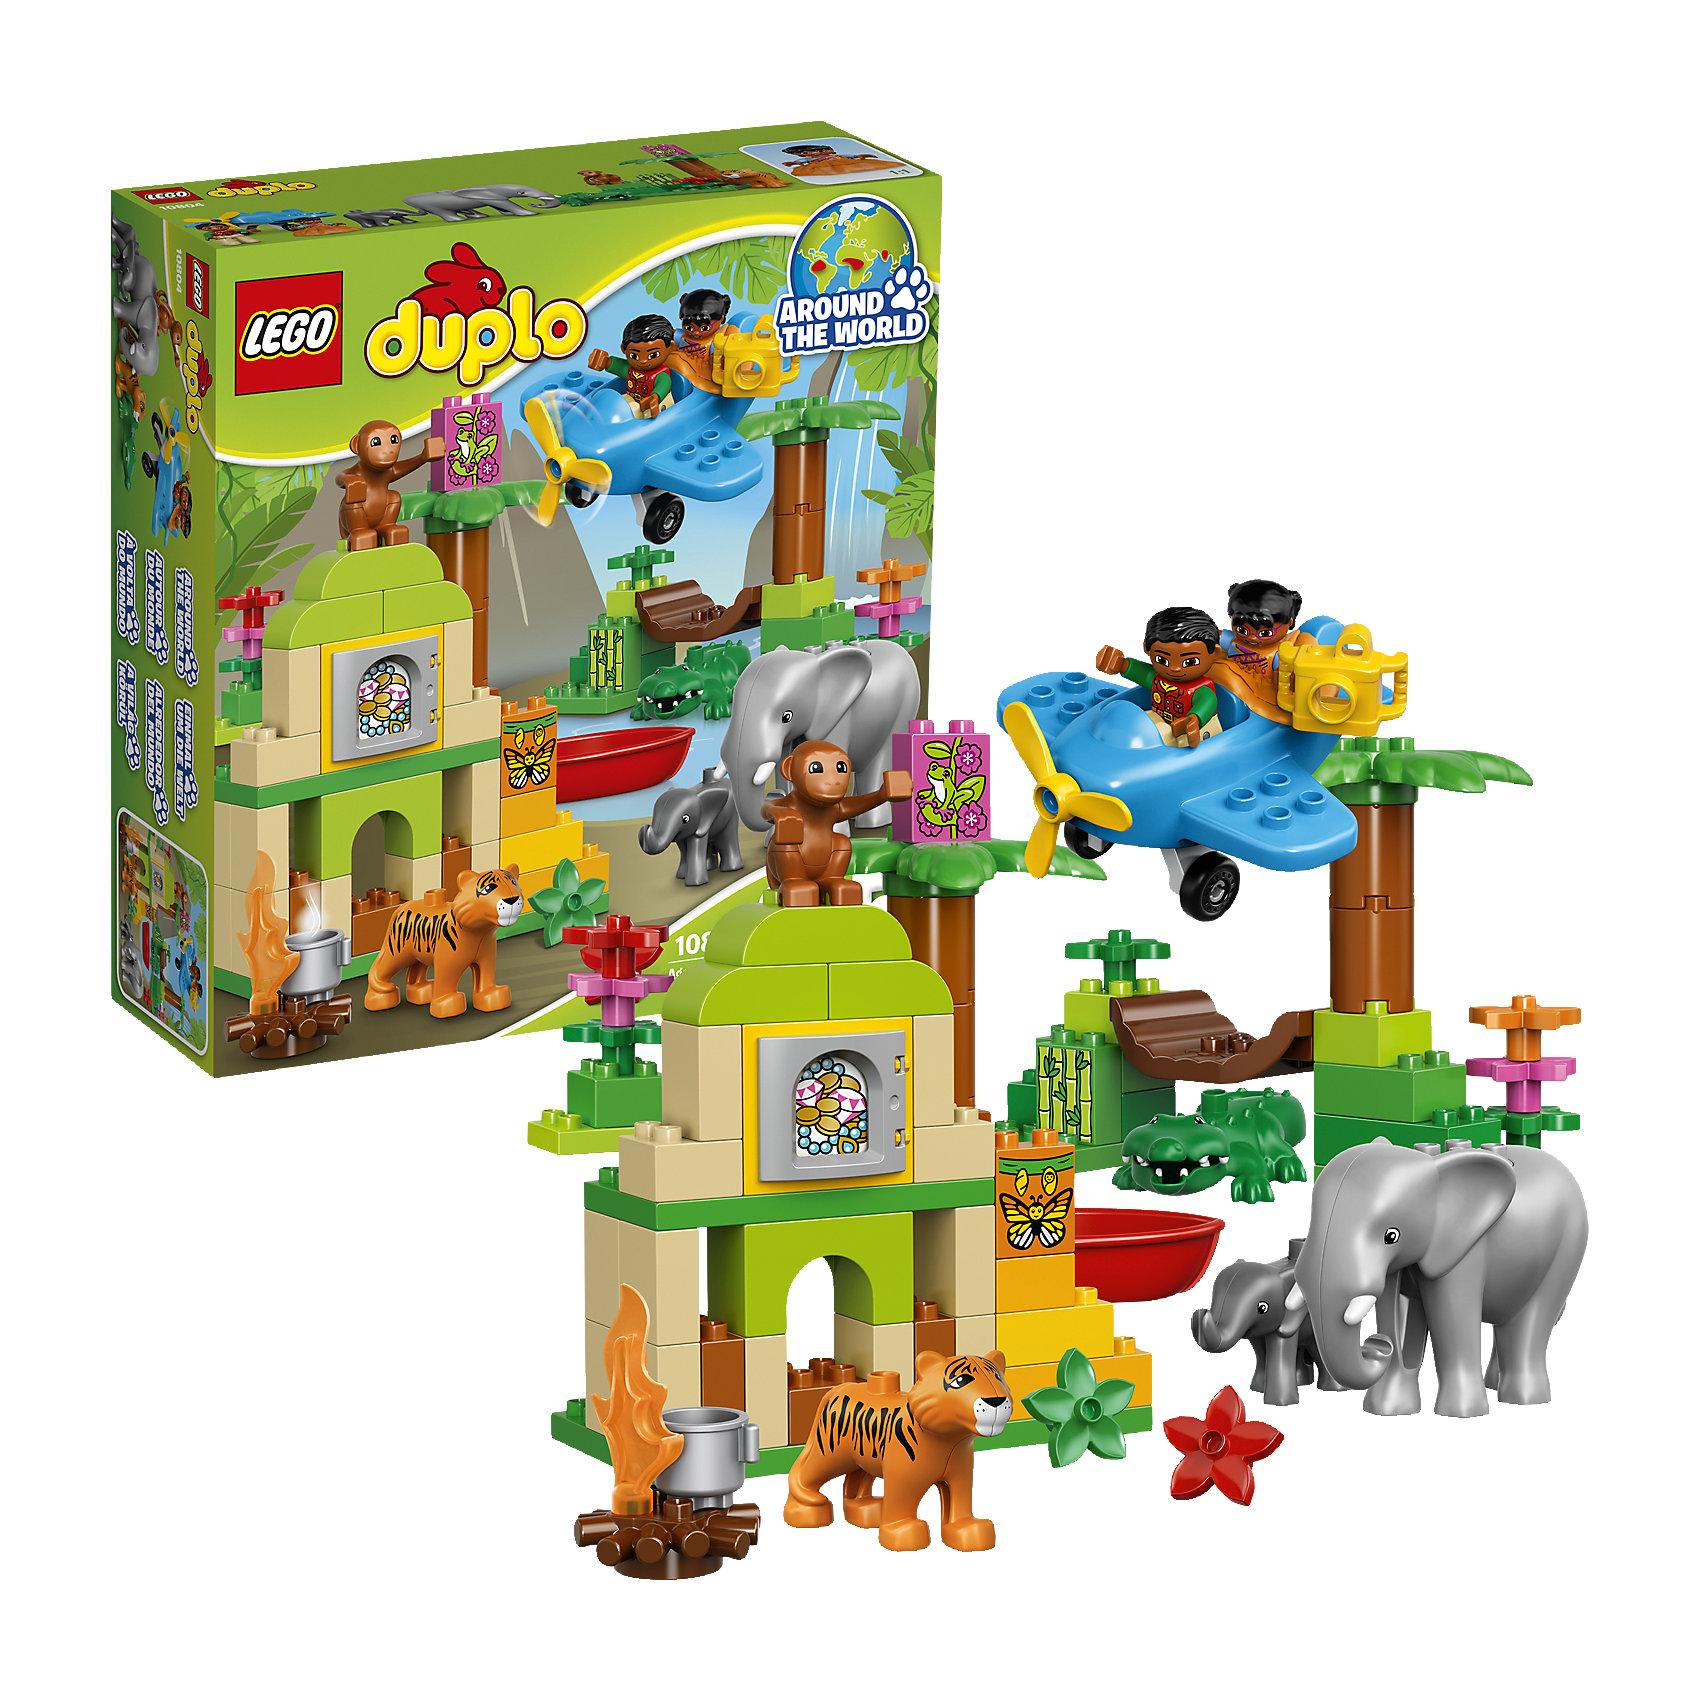 лего дупло гусеница LEGO LEGO DUPLO 10804: Вокруг света: Азия